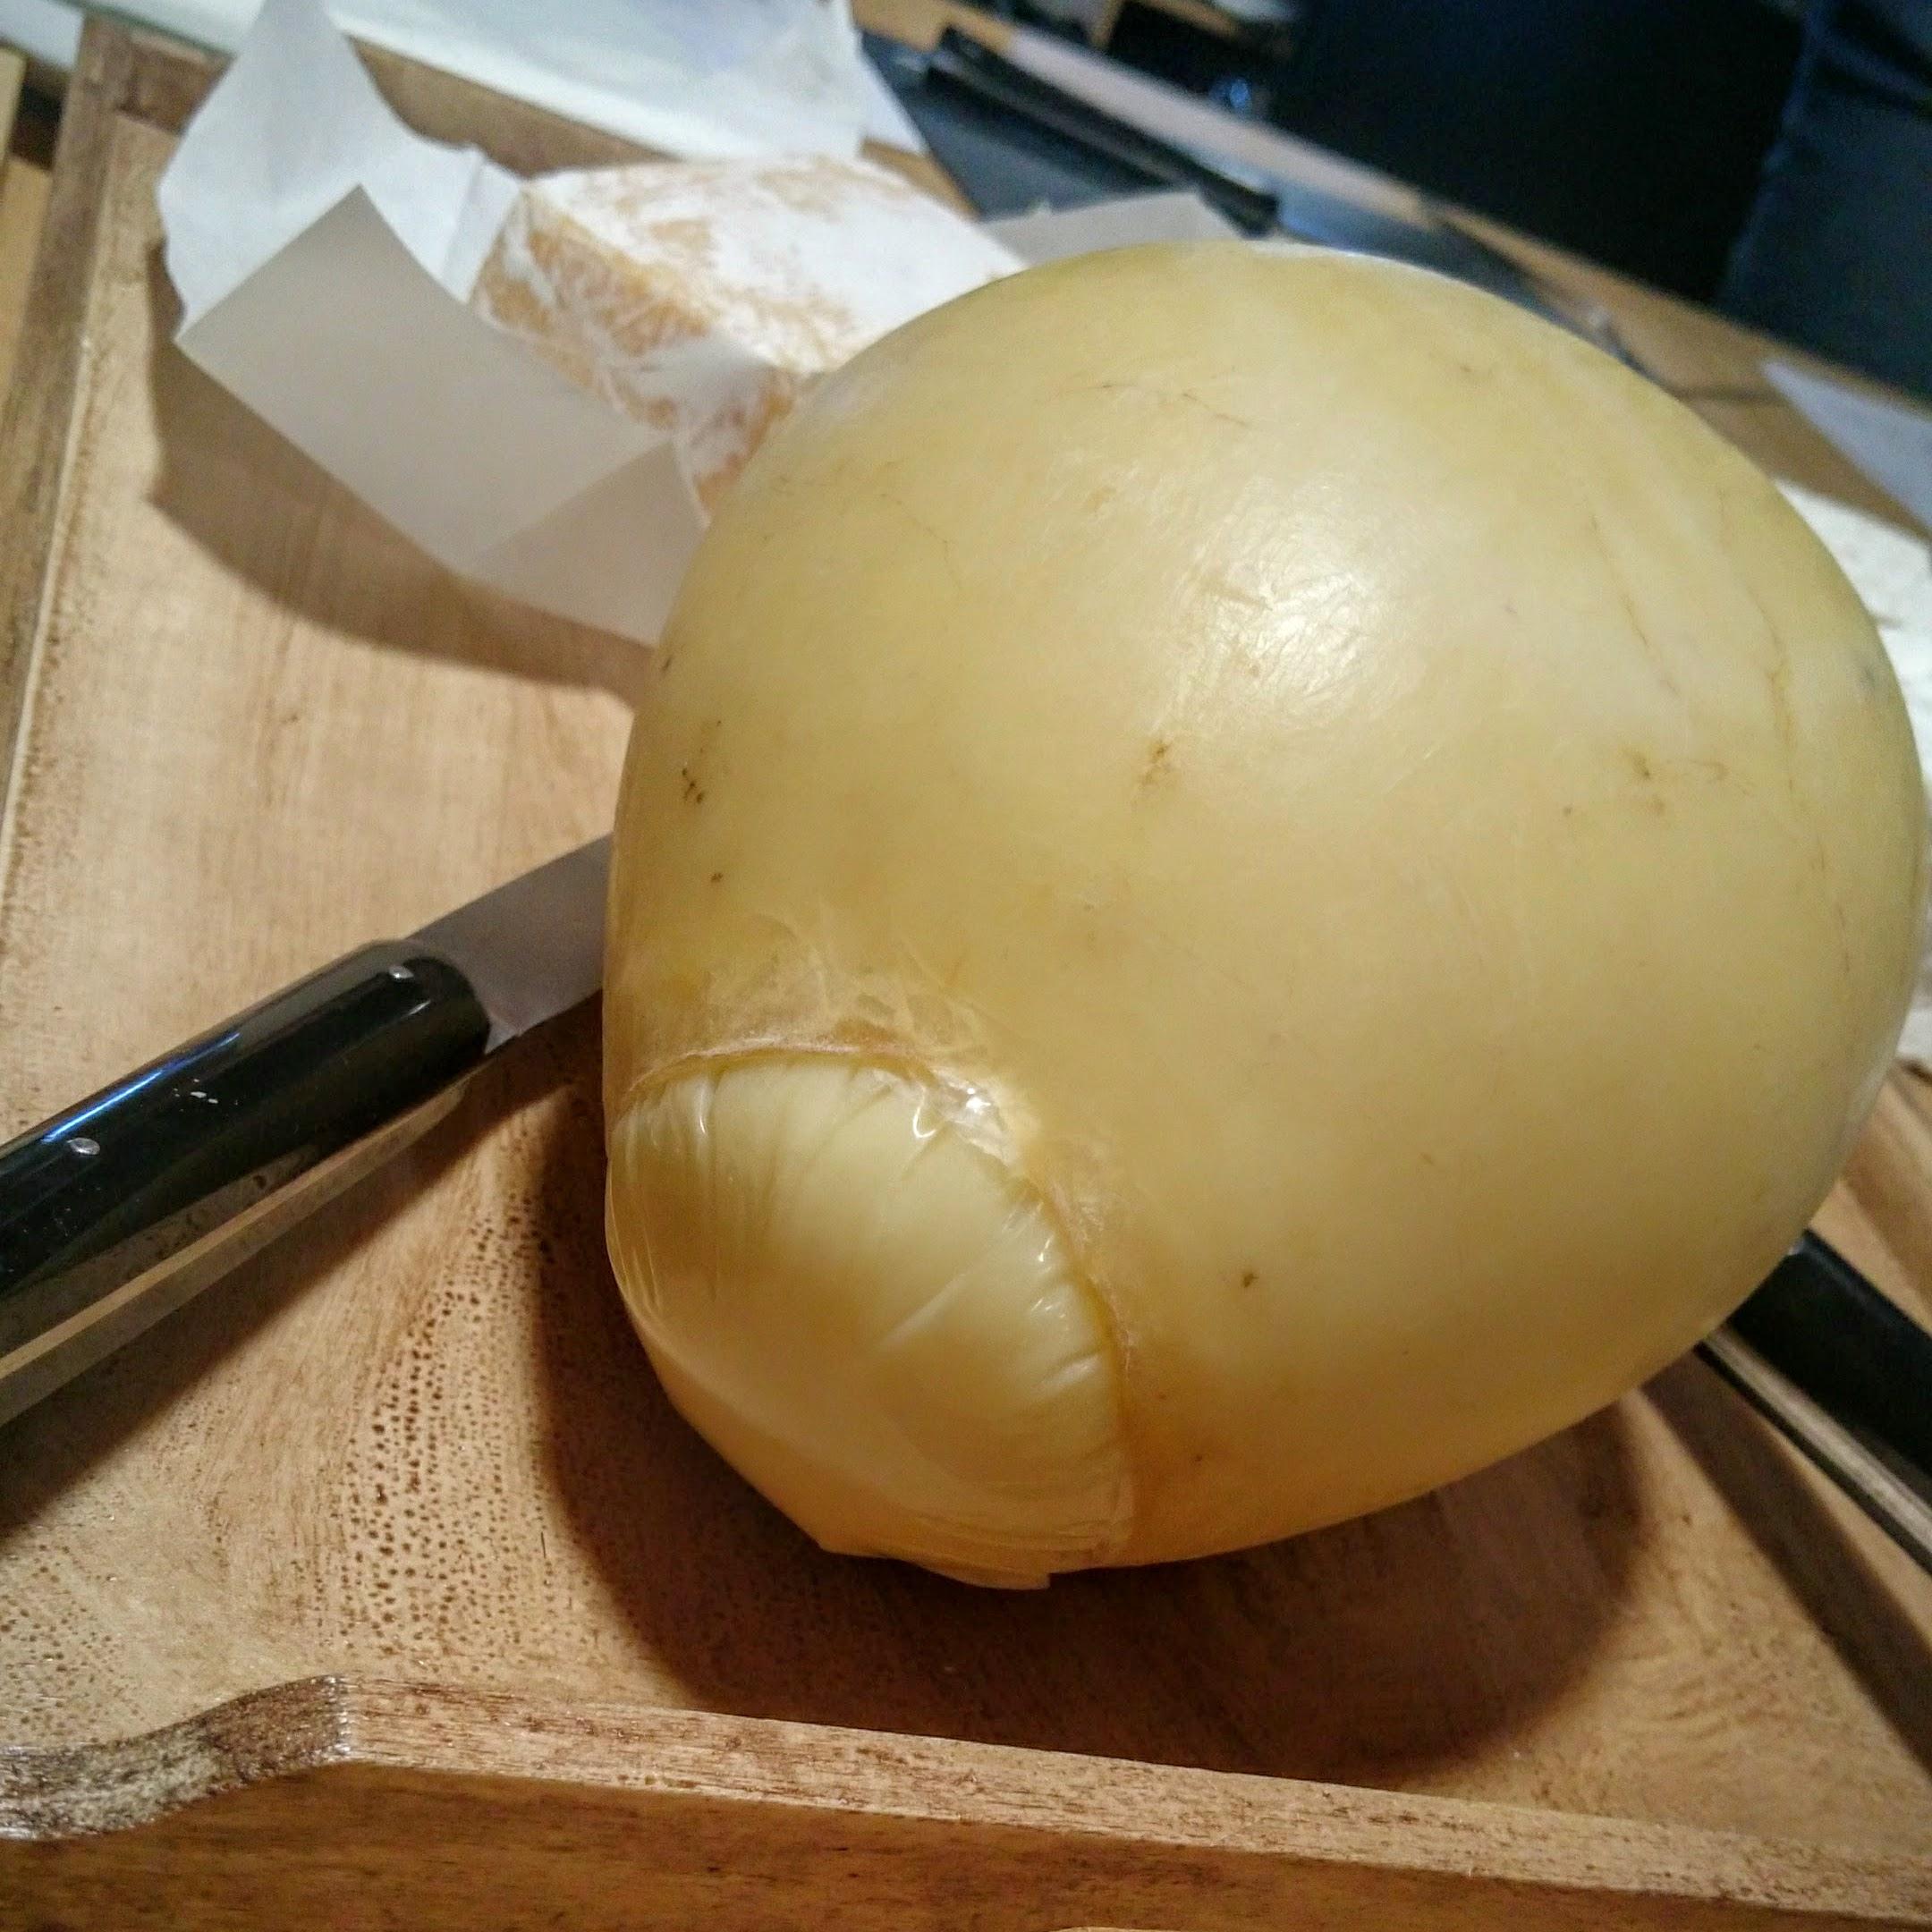 Fromage roumain d'Alex dans une vessie de porc, son goût comme un fromage Salers bien fermenté